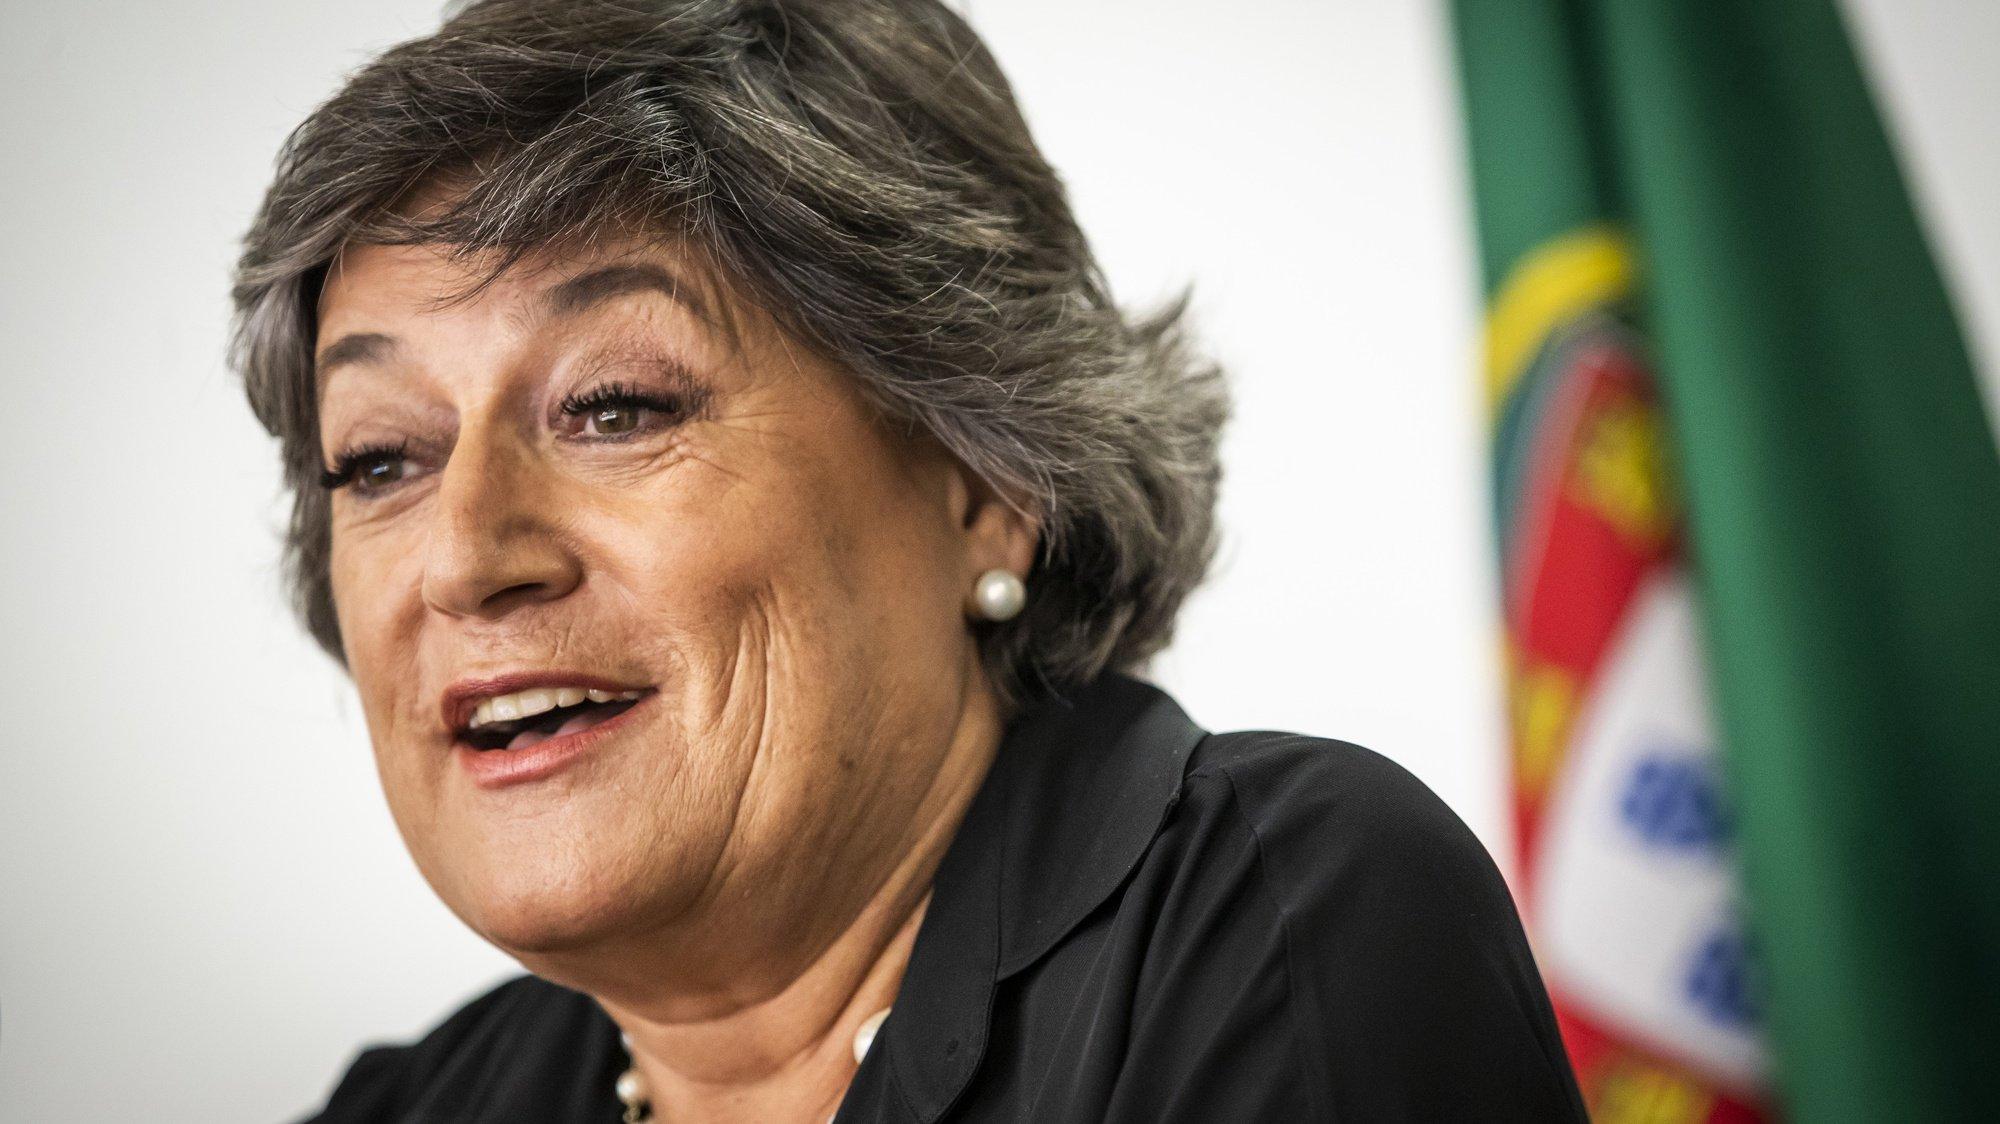 A ex-eurodeputada socialista, Ana Gomes, durante o anúncio da sua candidatura à Presidência da República, na Casa da Imprensa, em Lisboa,10 de setembro de 2020. JOSÉ SENA GOULÃO/LUSA